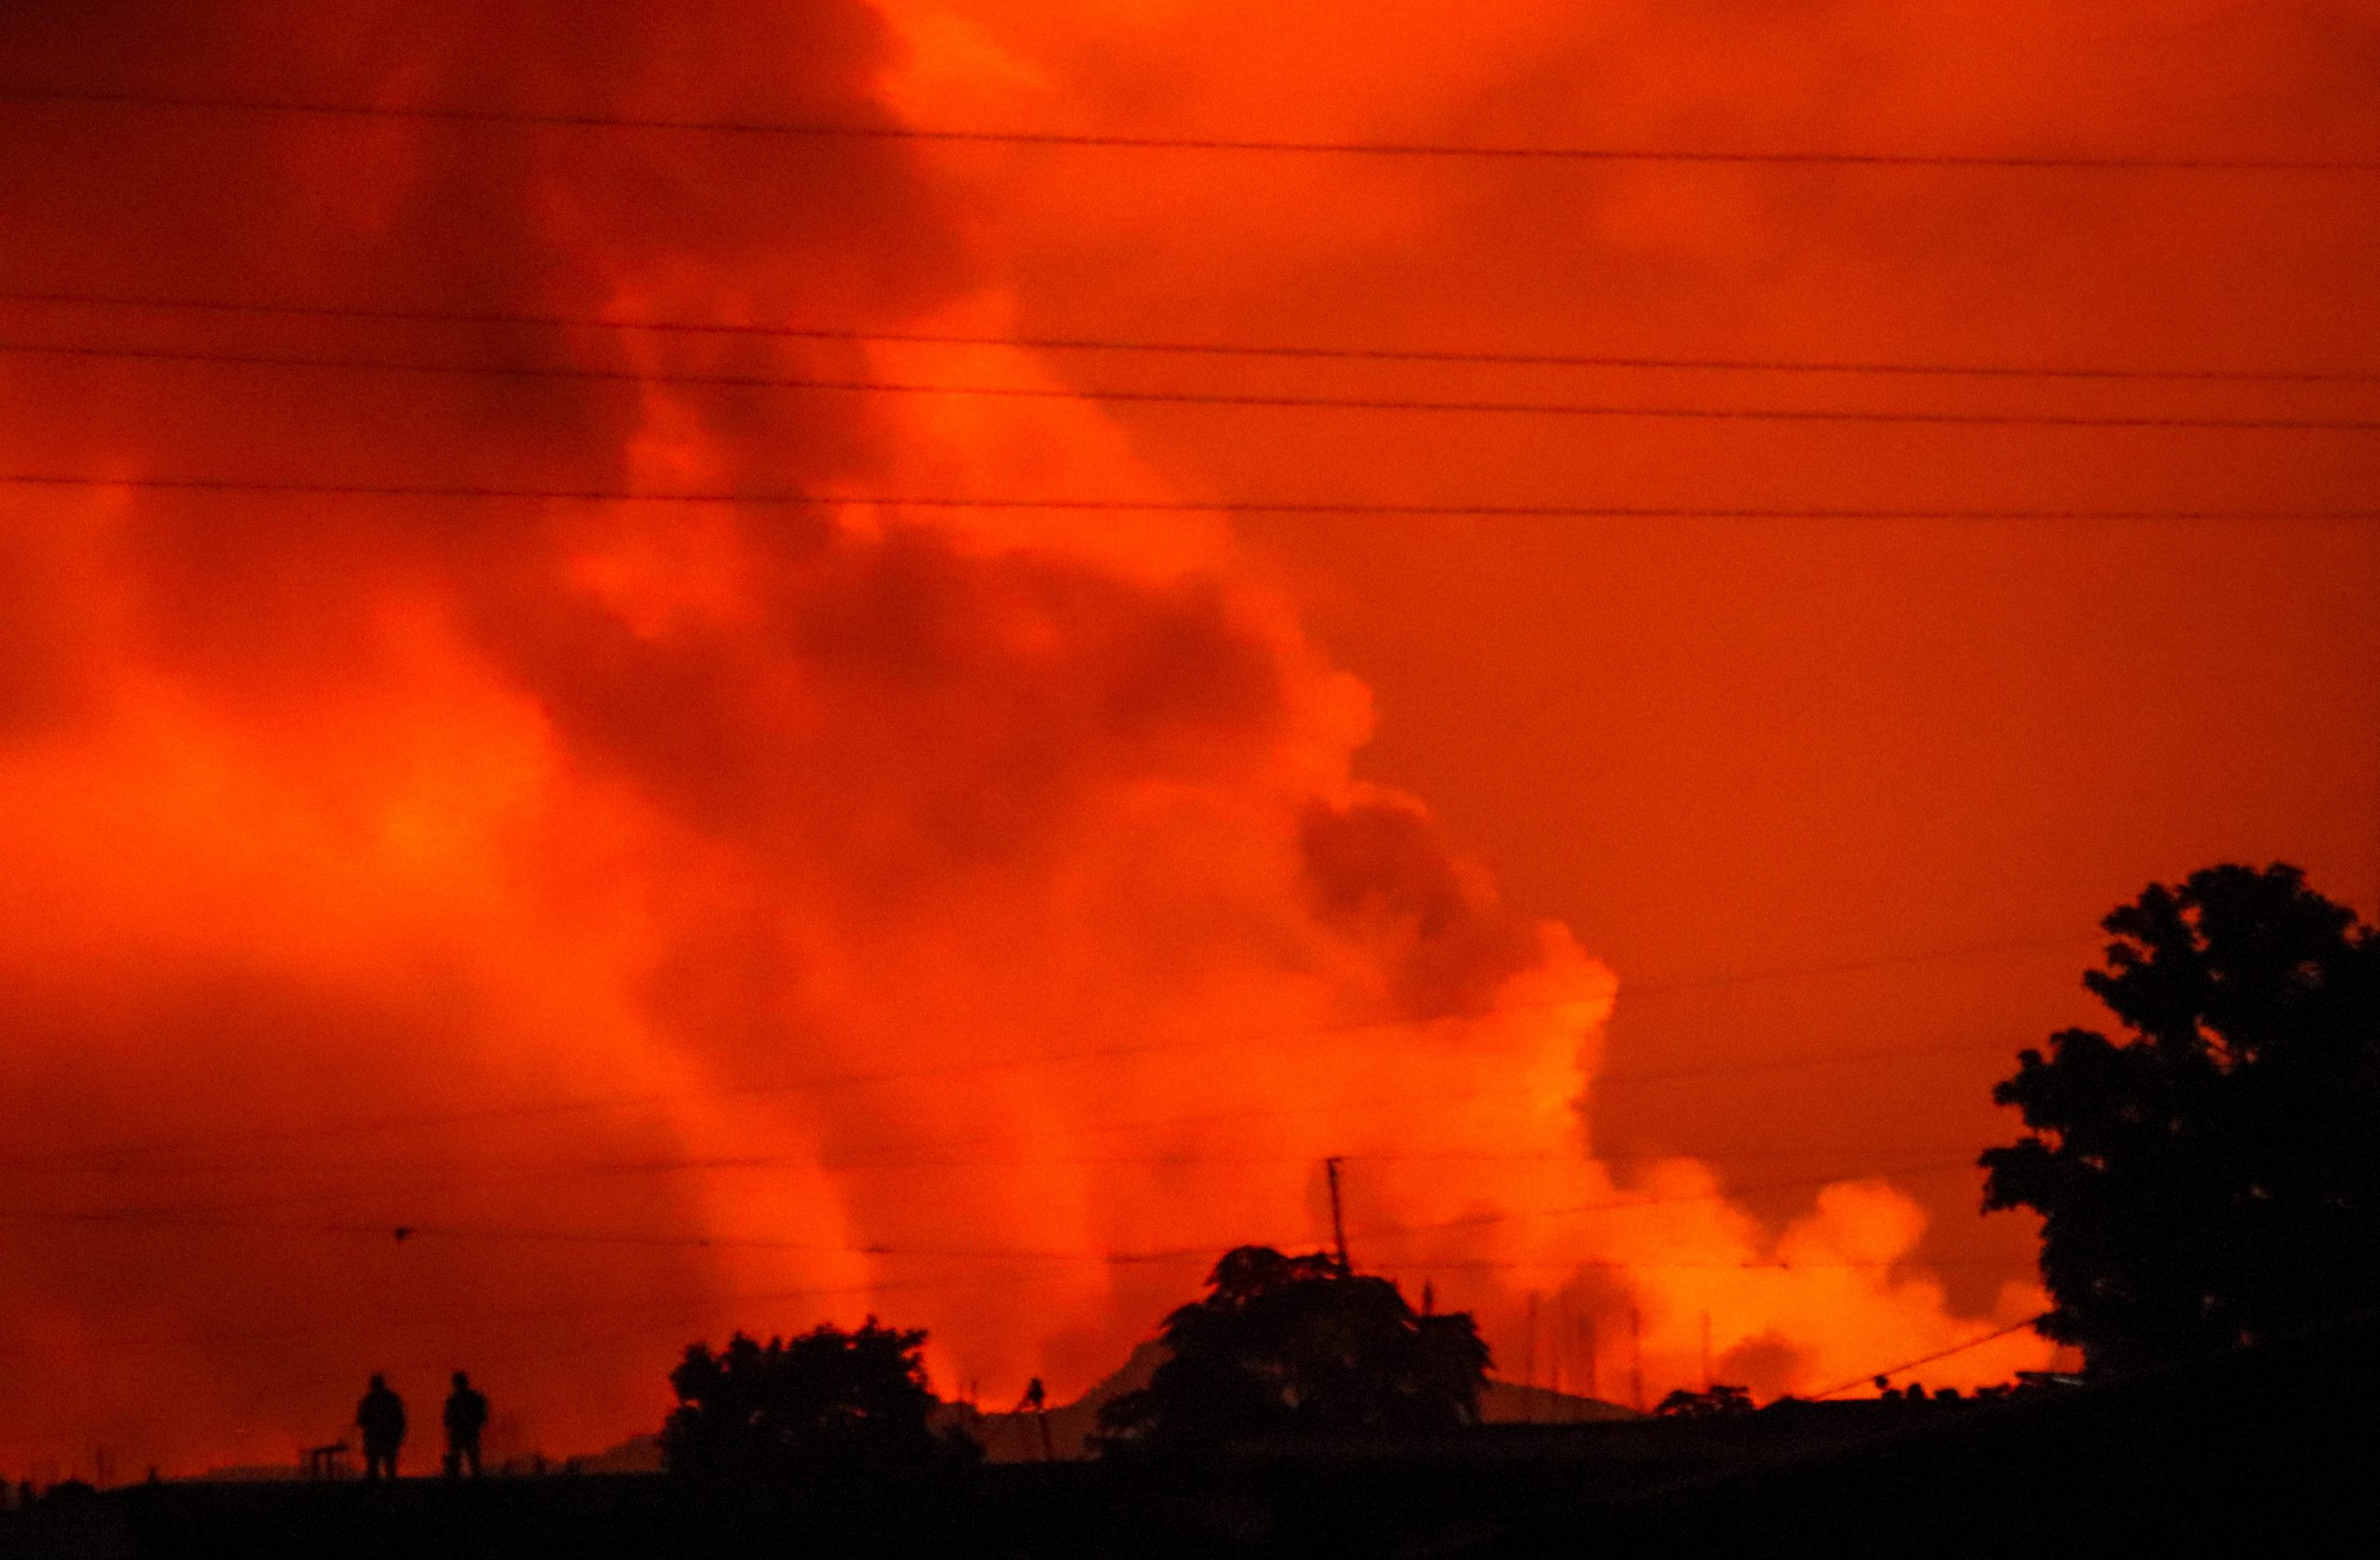 Le ciel de Goma, après l'éruption du Nyiragongo, samedi 22 mai 2021.